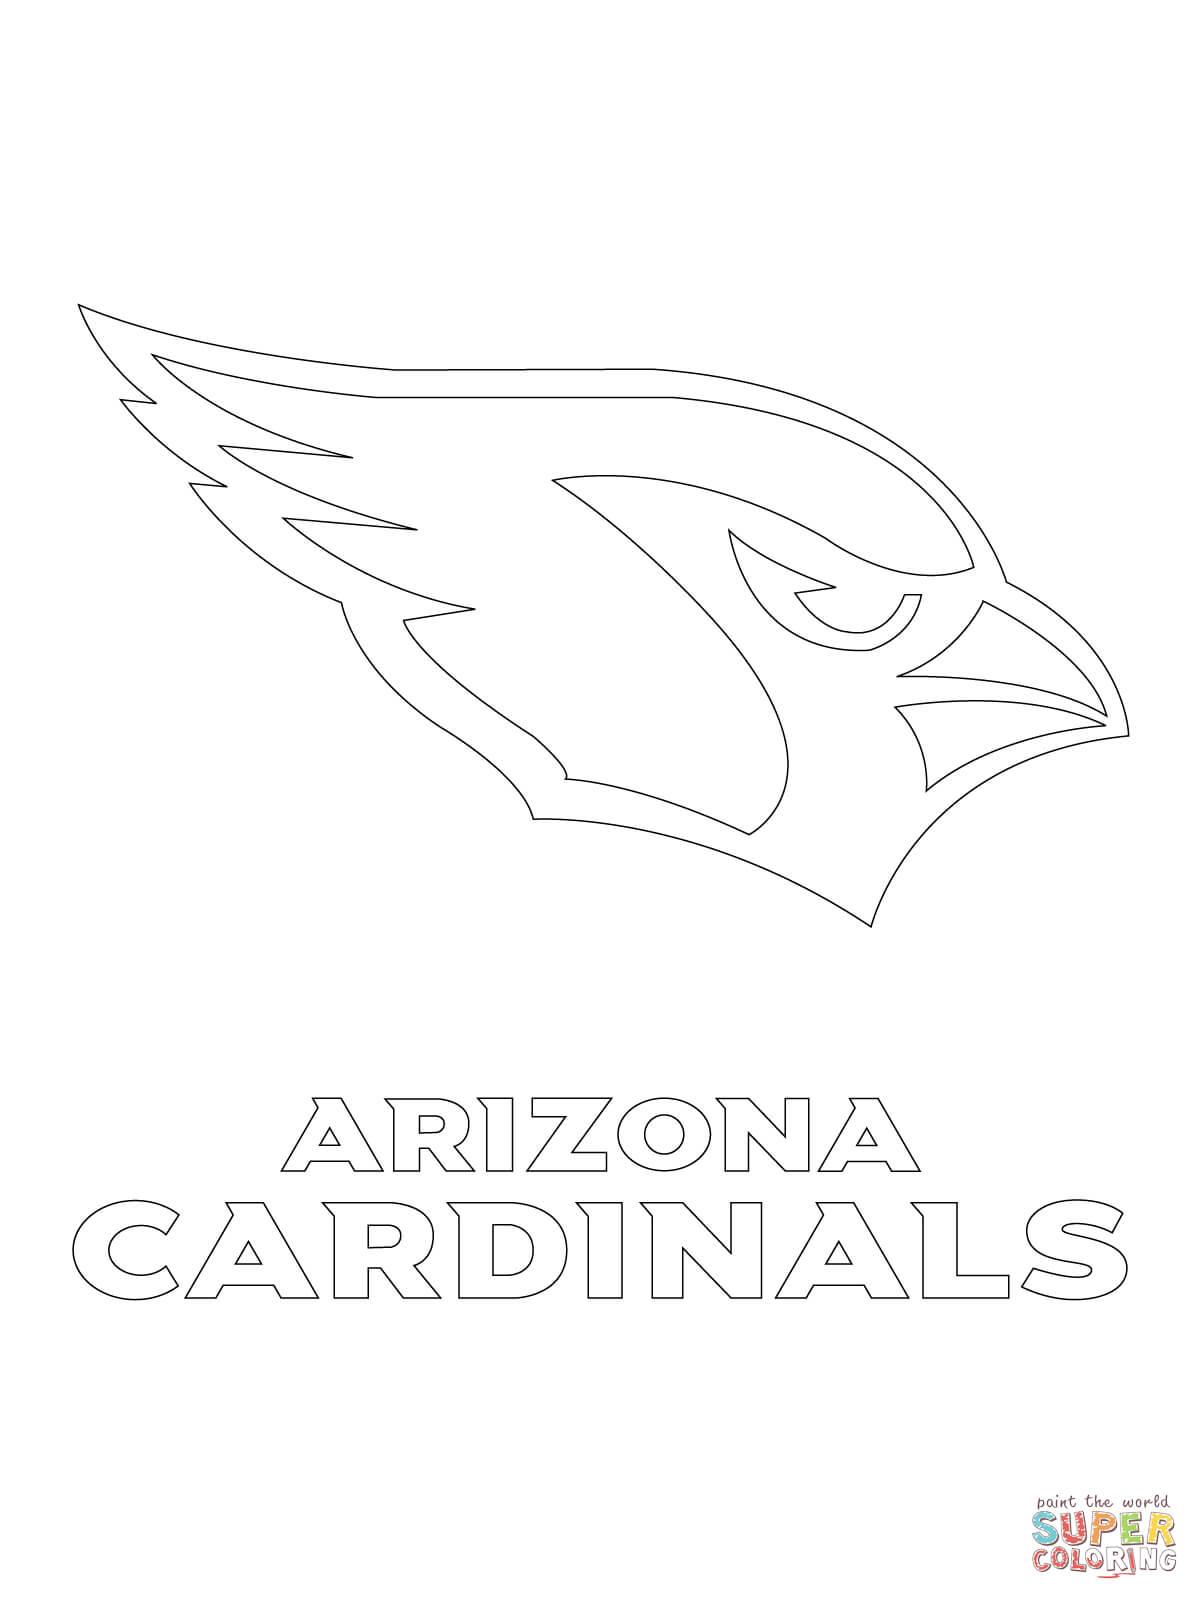 Arizona Cardinals Football Coloring Pages.